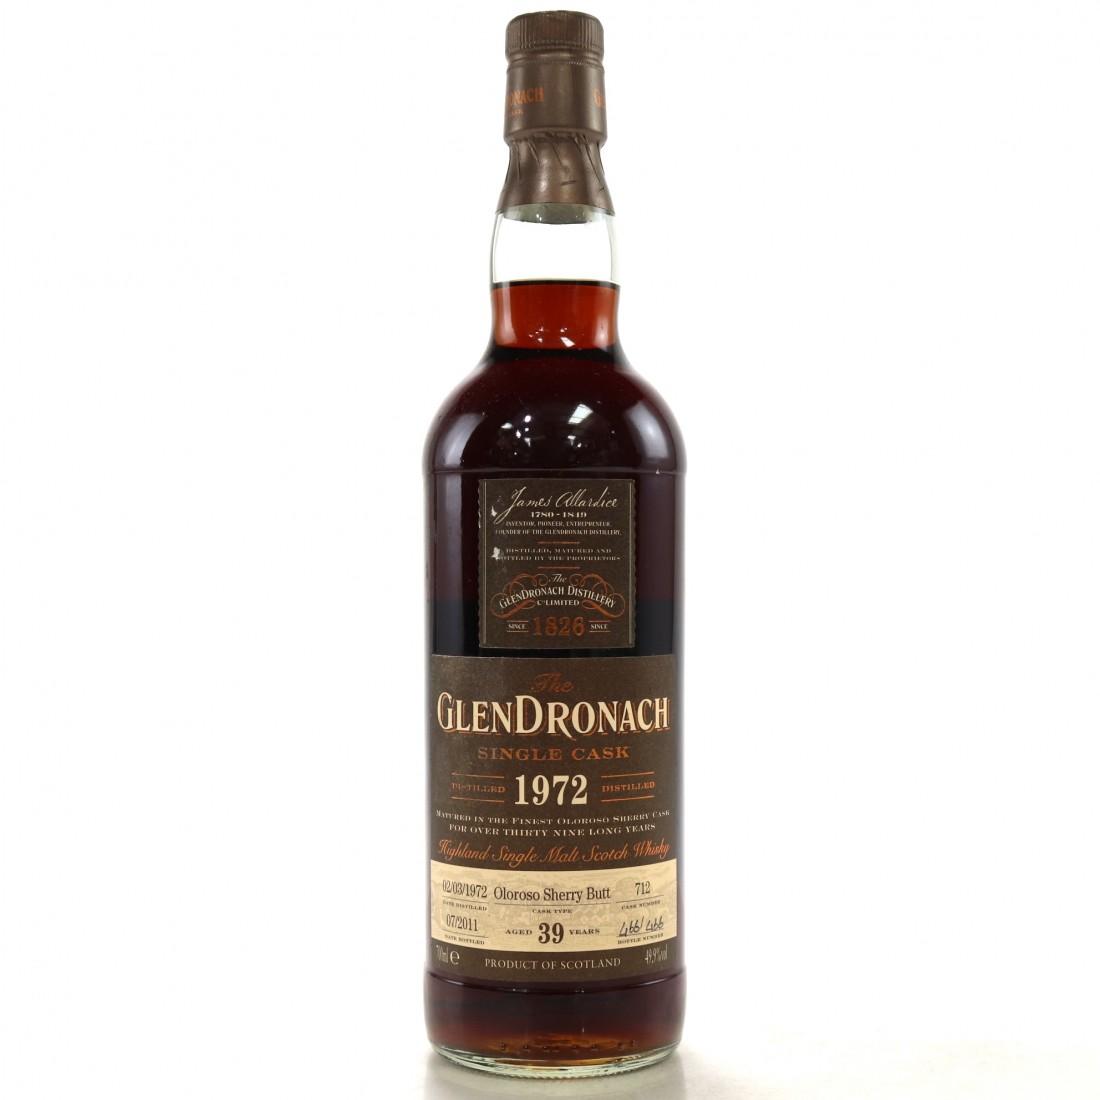 Glendronach 1972 Single Cask 39 Year Old #712 / Bottle 466/466